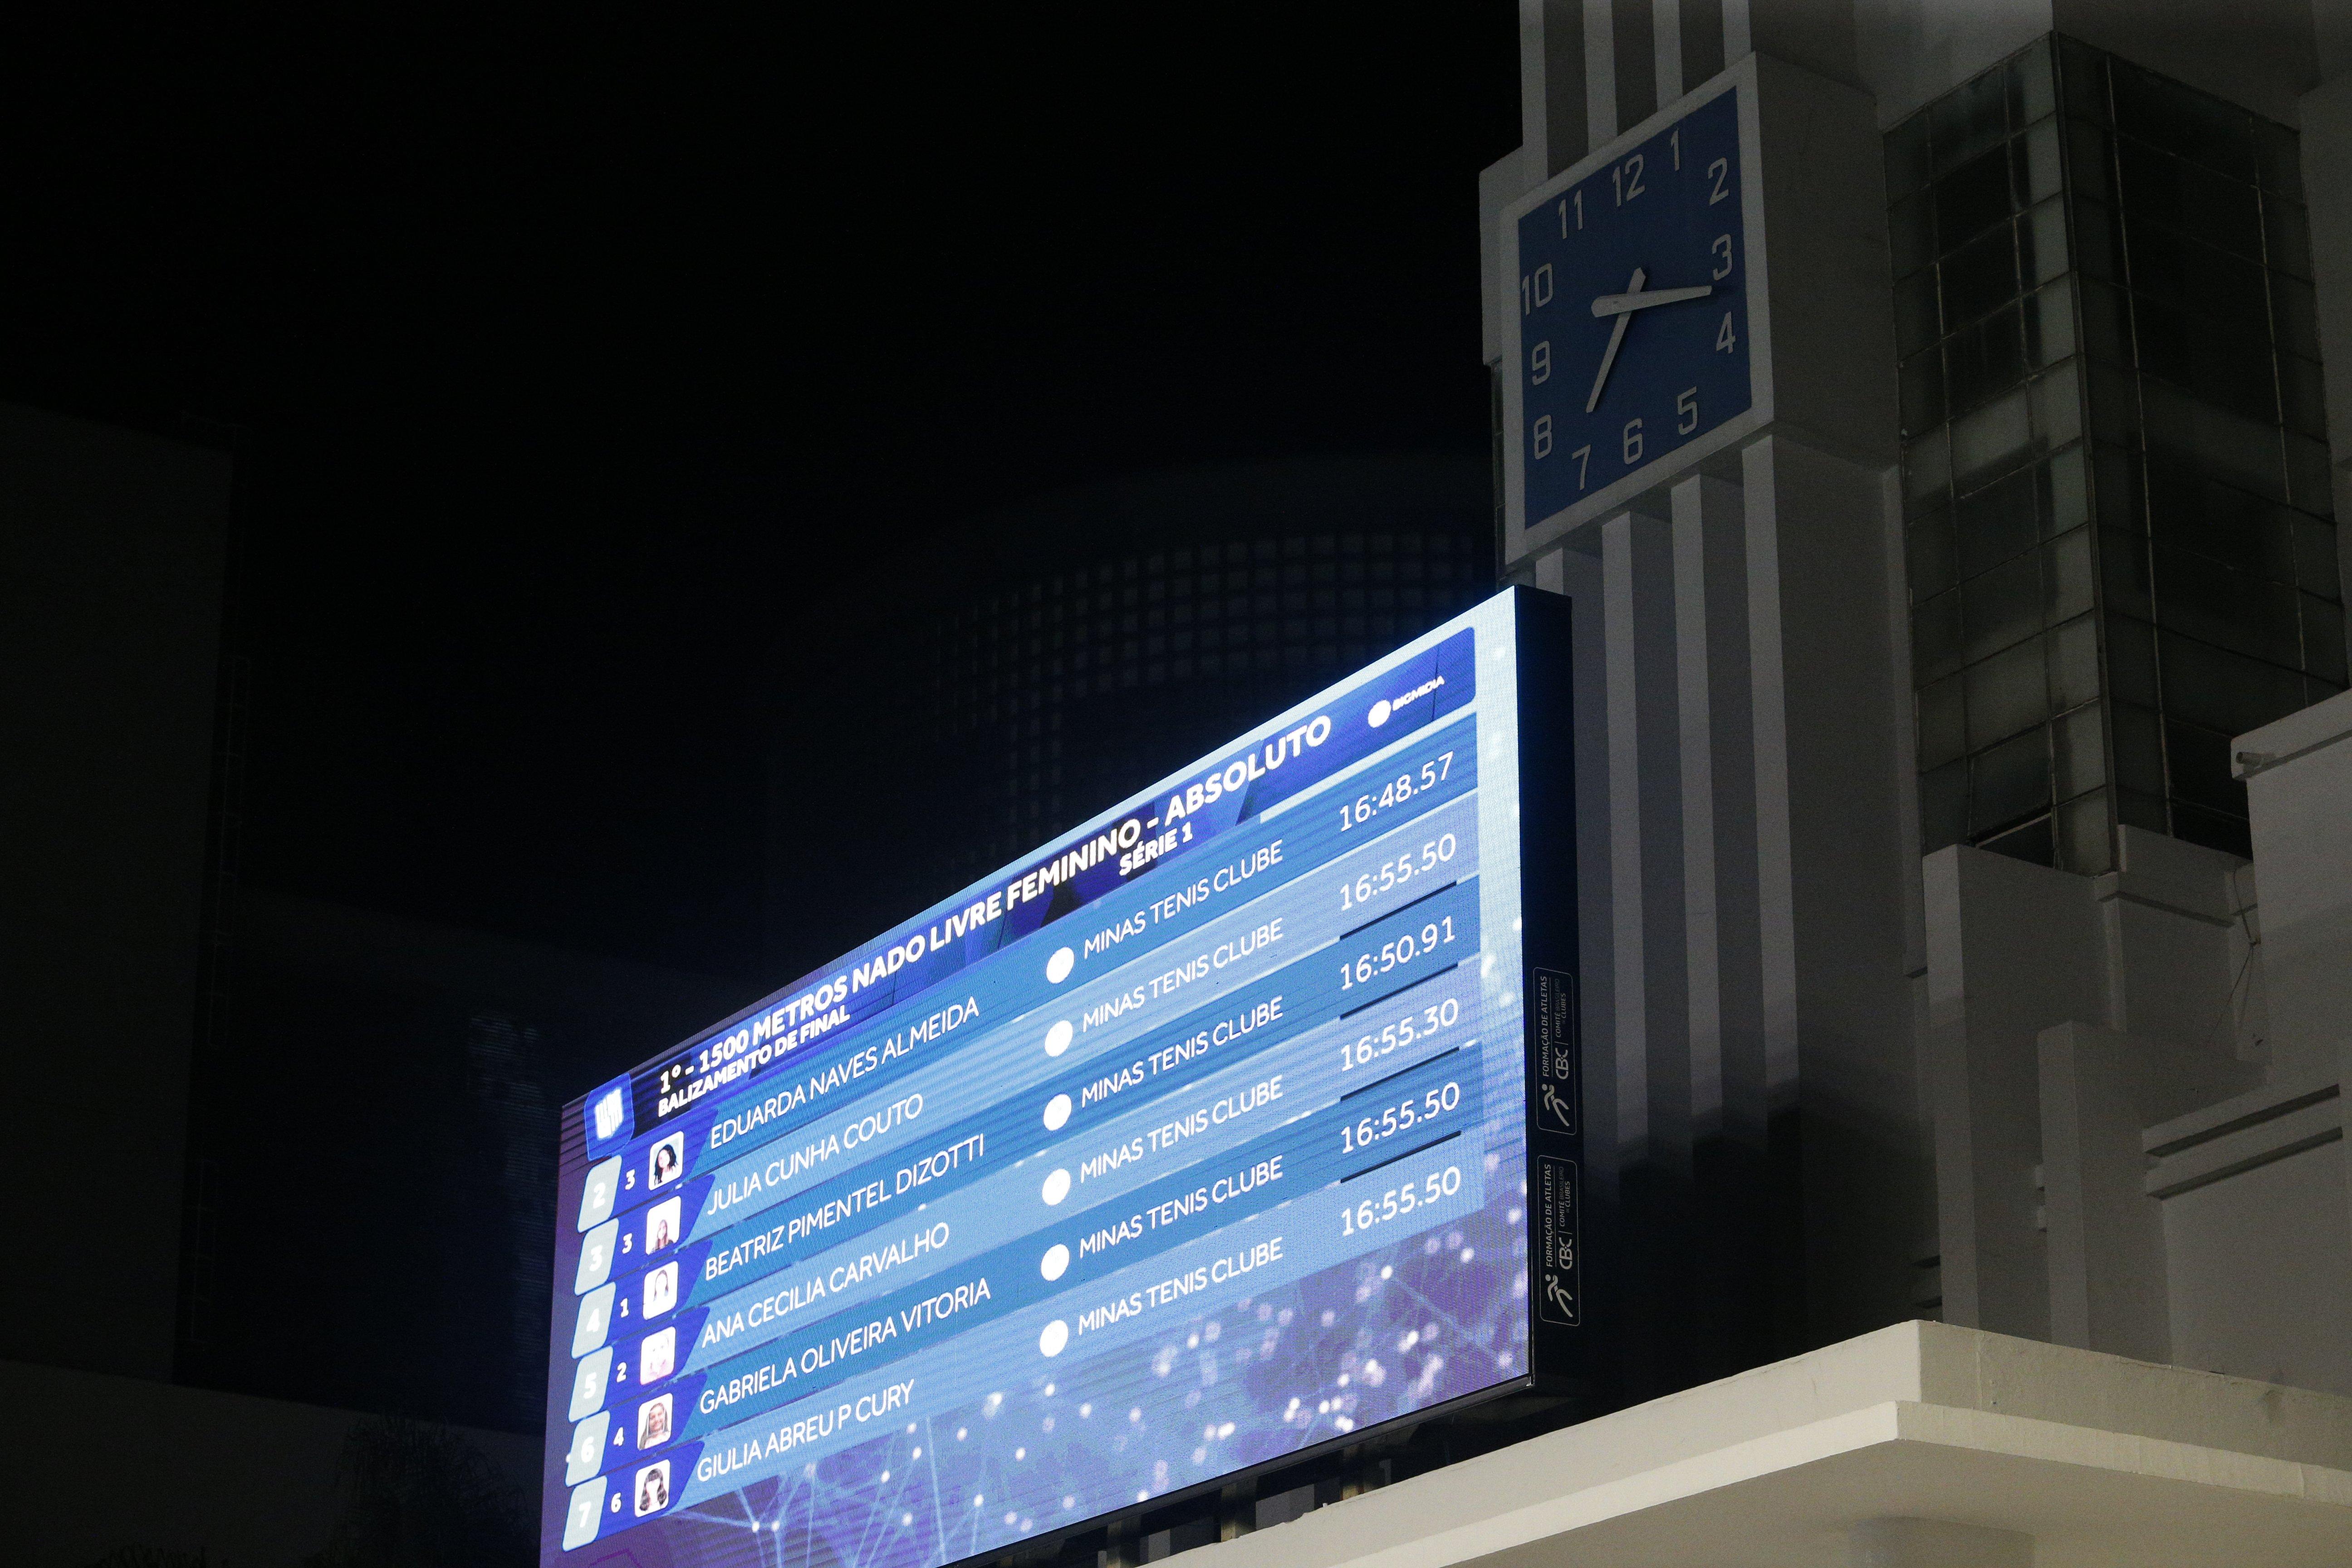 Novo placar instalado no prédio do relógio, adquirido em parceria do Minas com o CBC